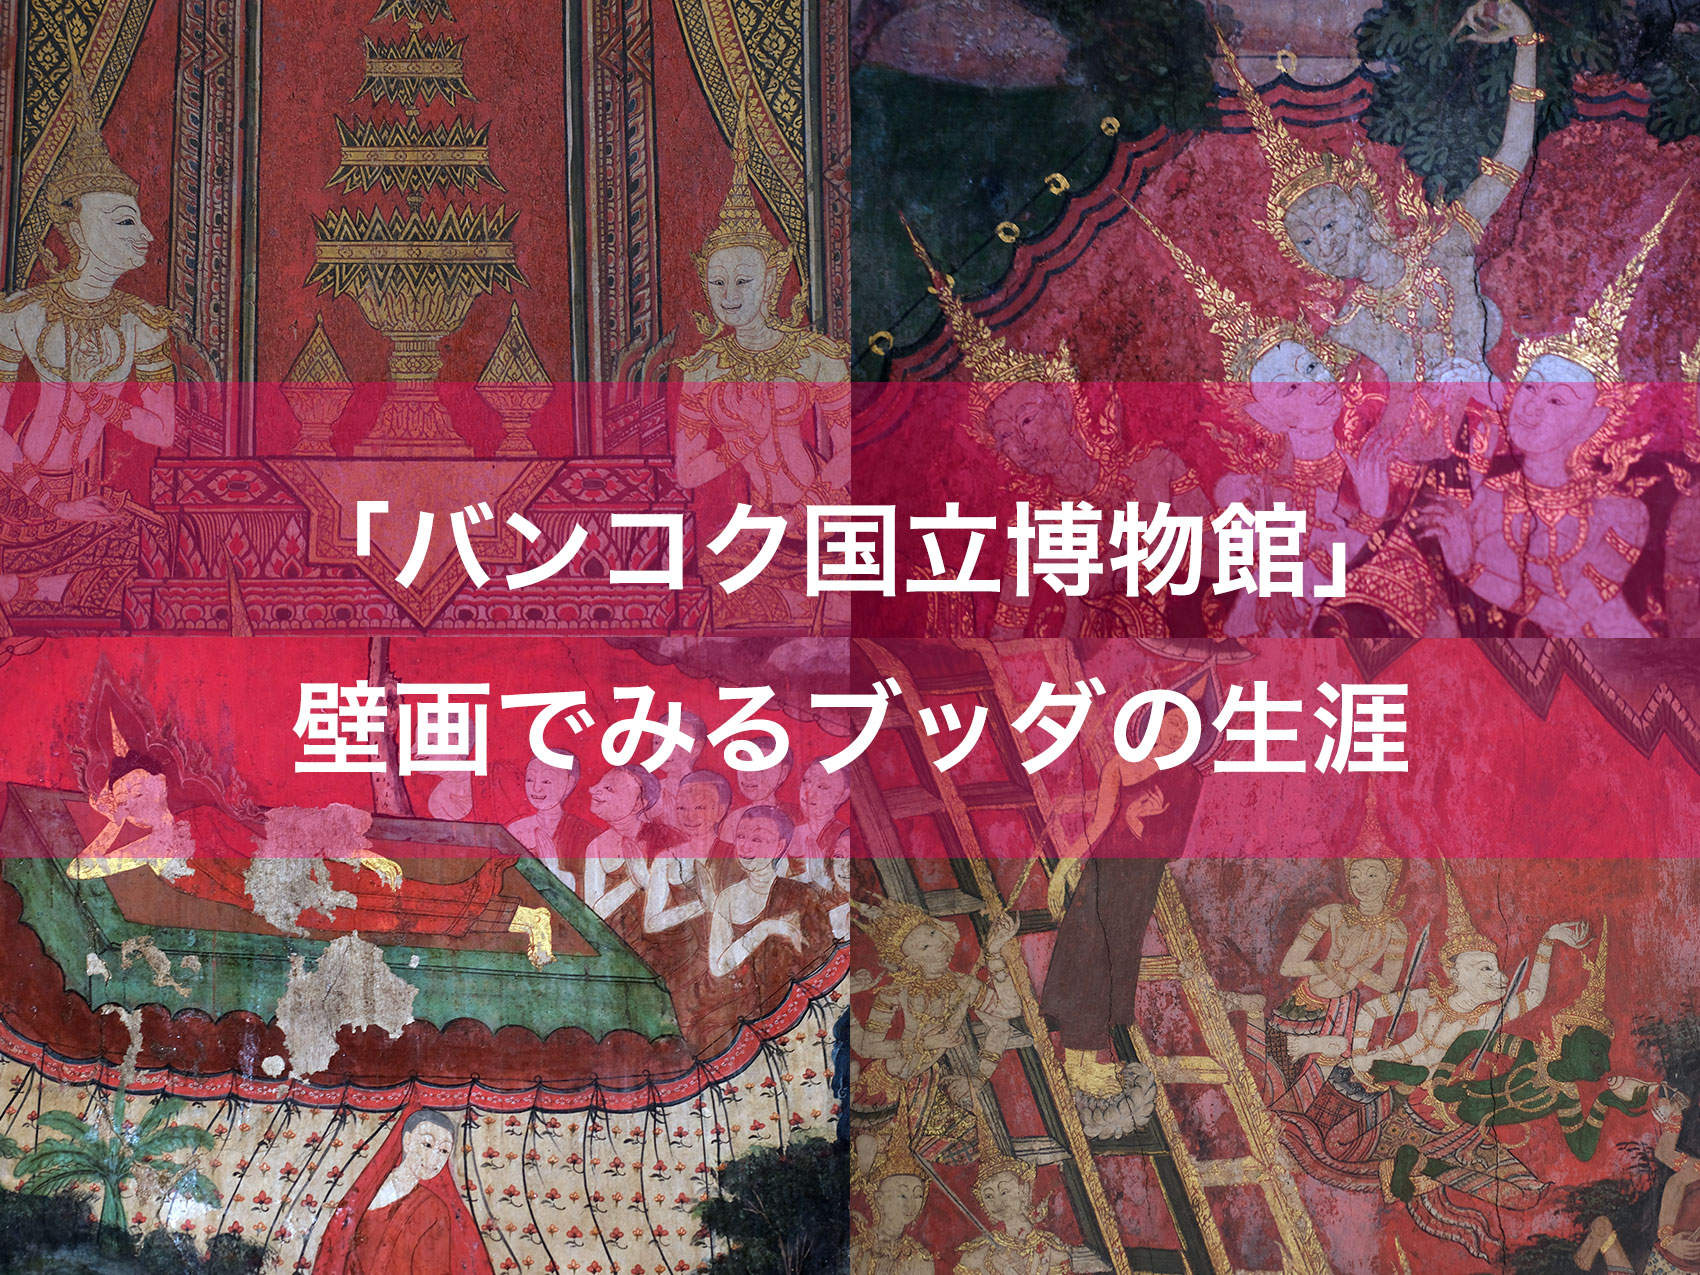 バンコクのアートスポット①「バンコク国立博物館」日本語ガイドツアーで観るブッダの生涯